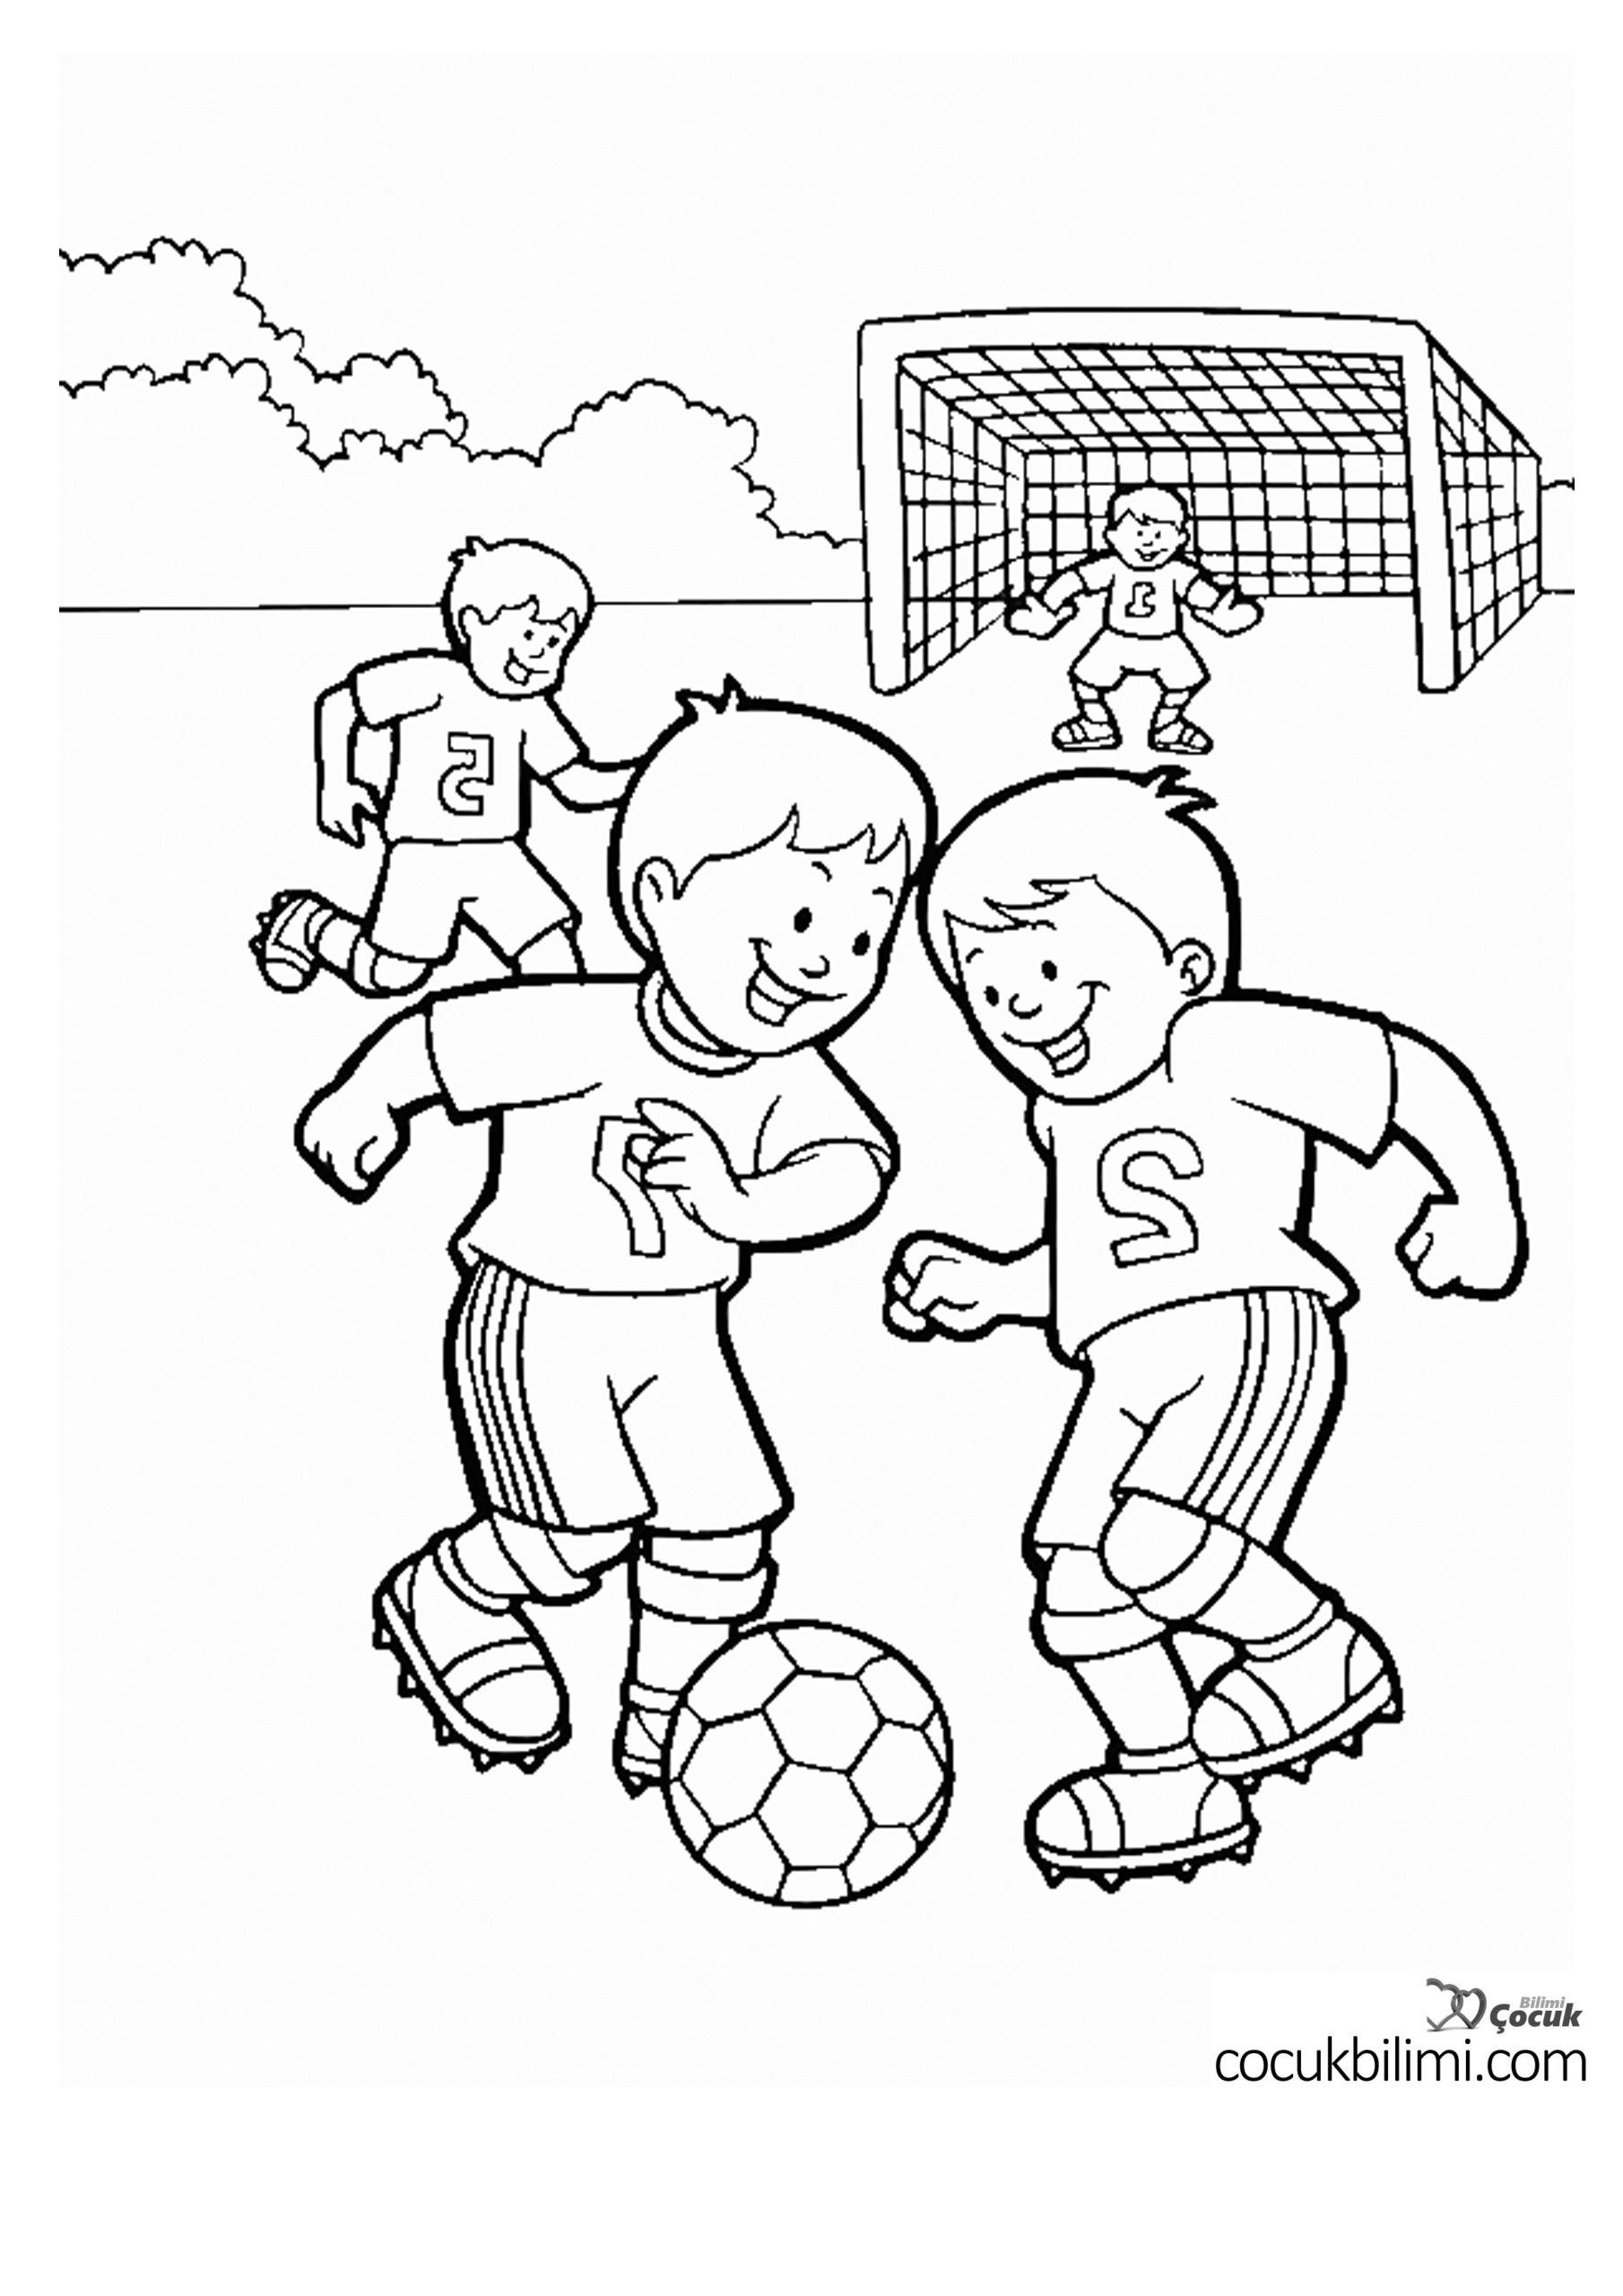 futbol-cocuklar